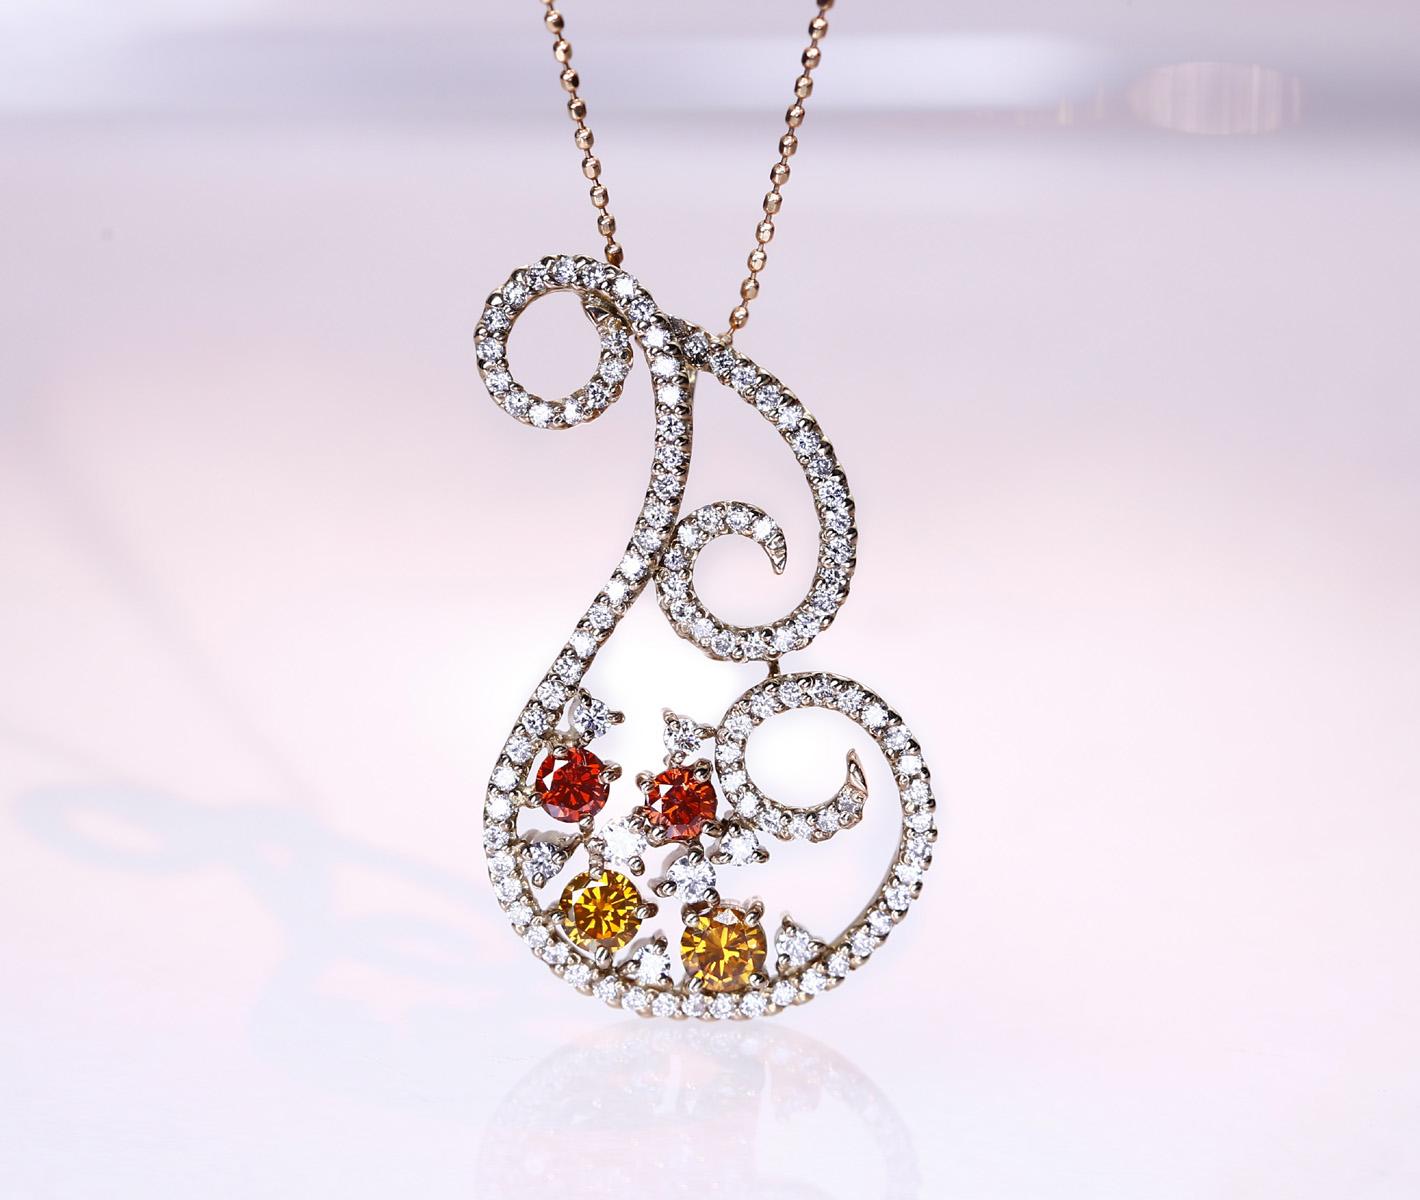 K18PG トリートブラウンダイヤモンド/トリートオレンジダイヤモンド 0.559ct ダイヤモンド 0.77ct ネックレス